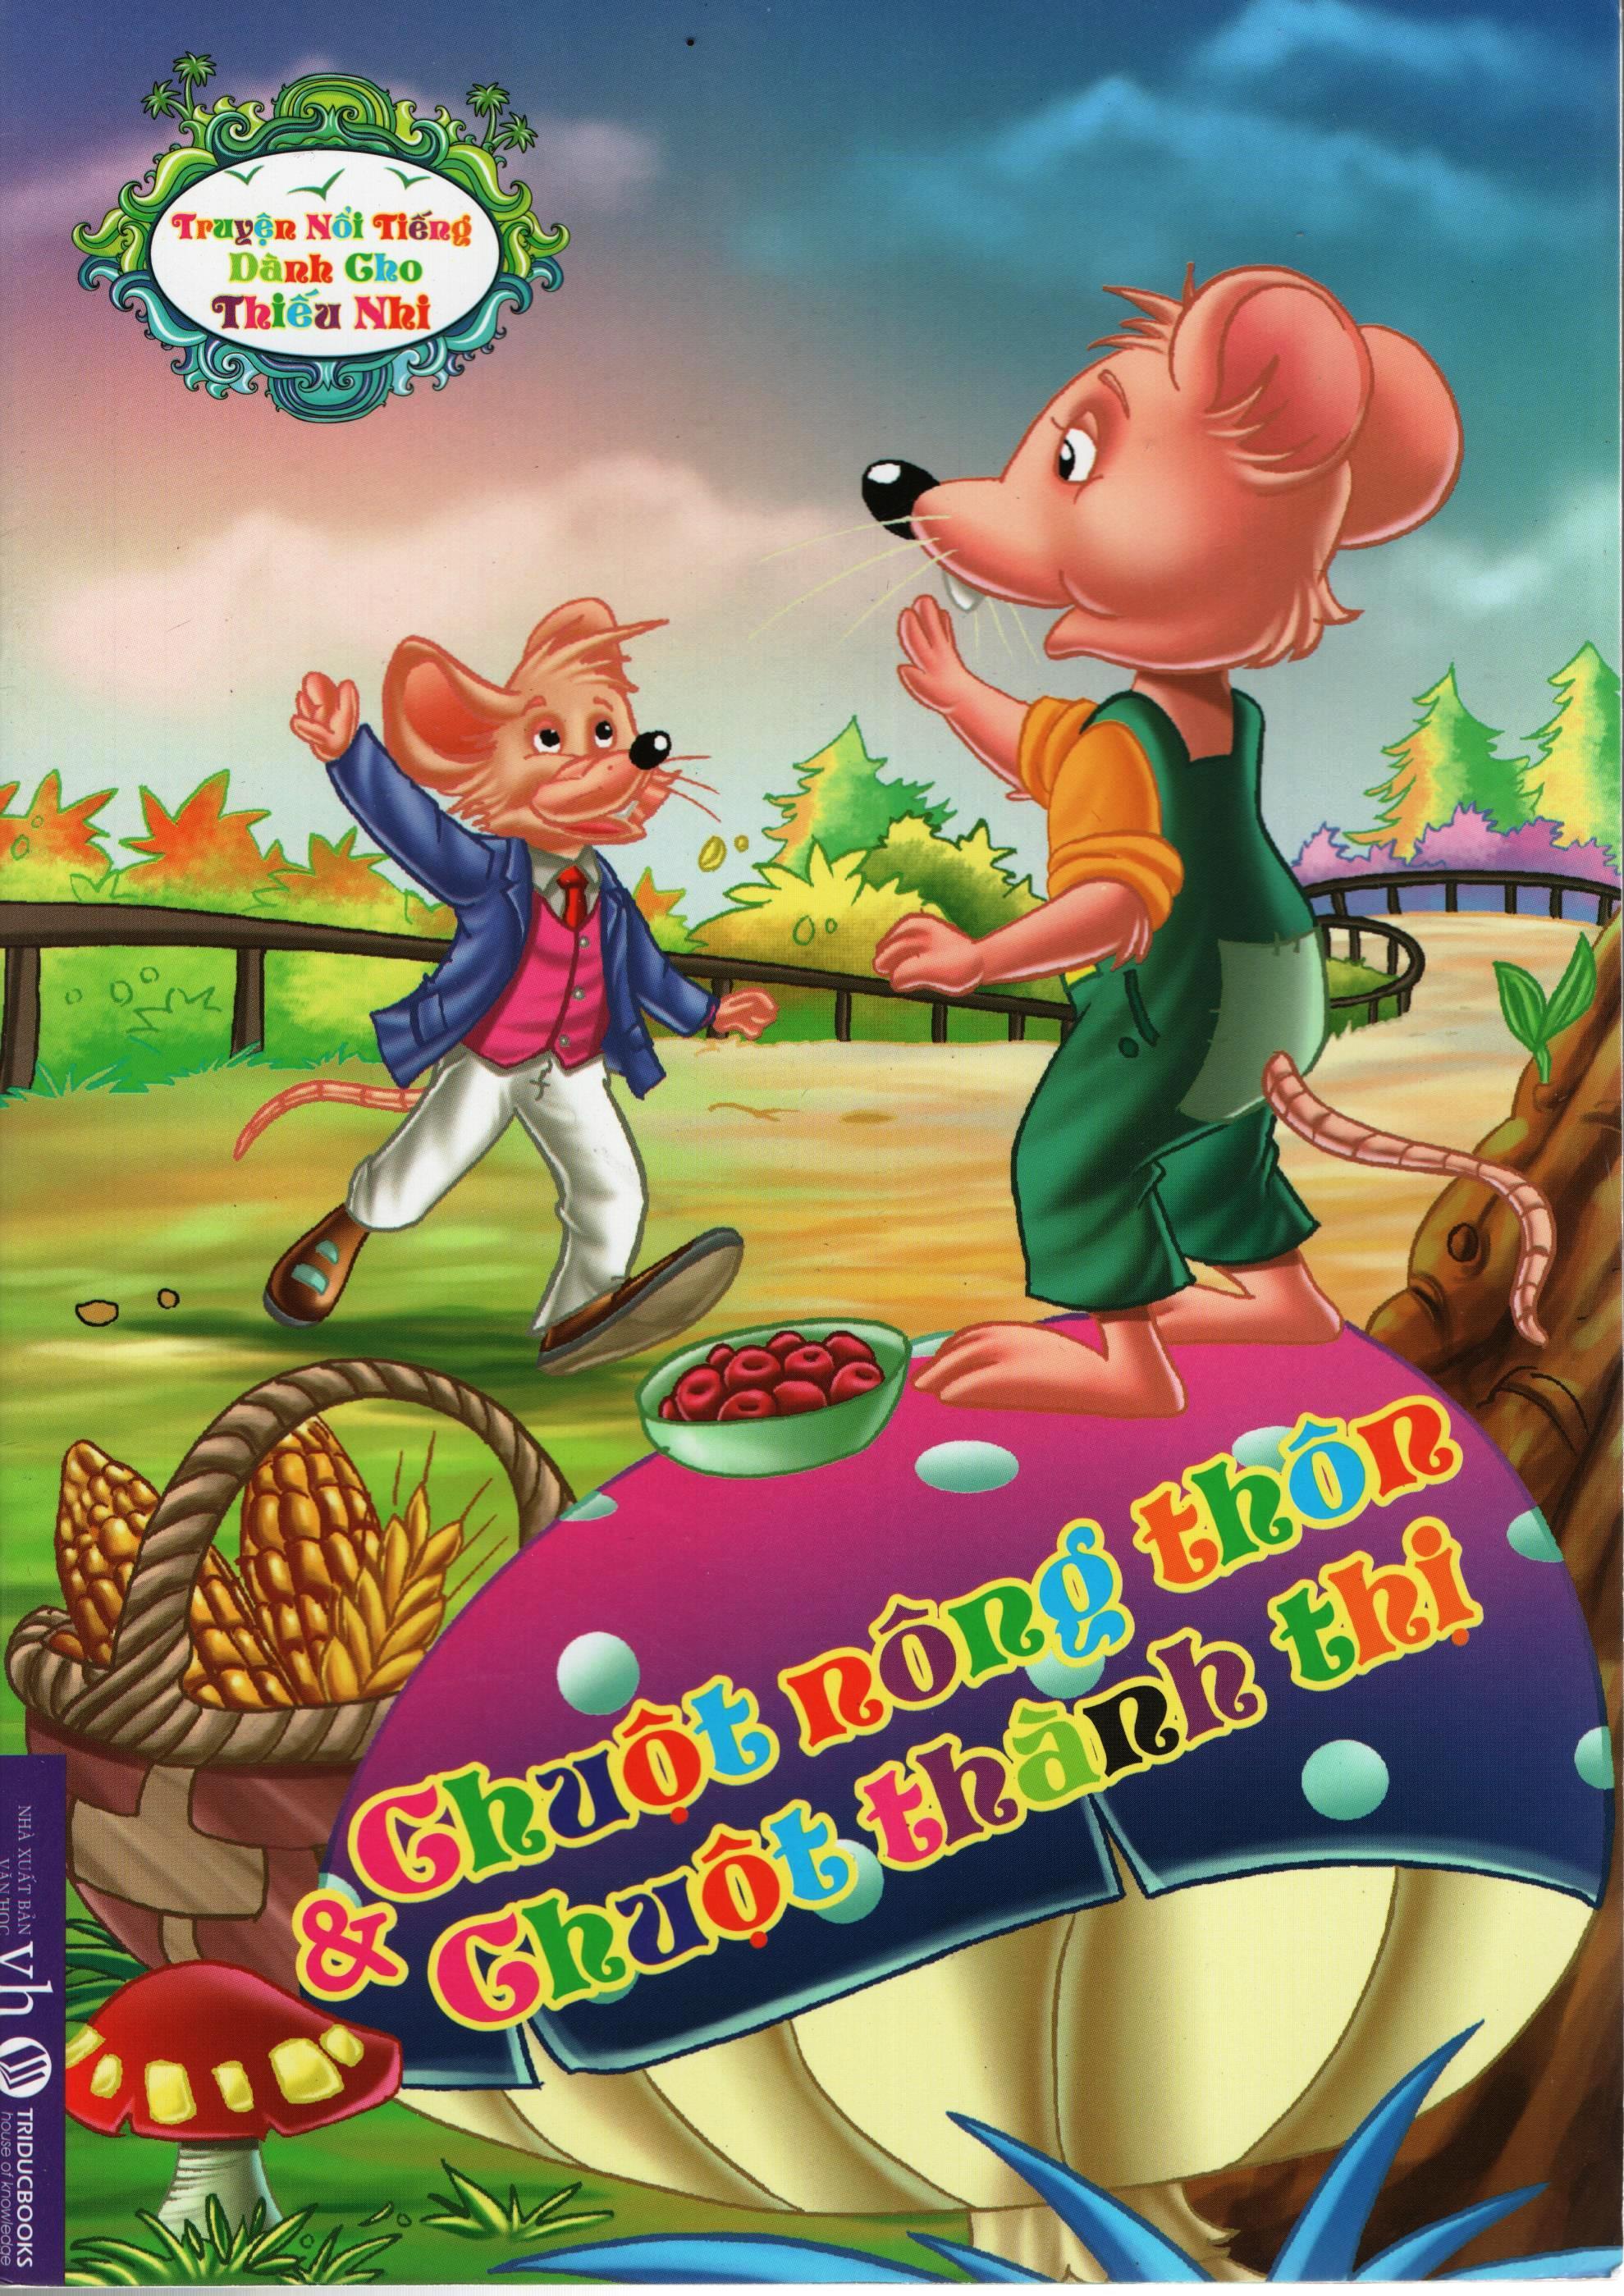 Bìa sách Truyện Nổi Tiếng Dành Cho Thiếu Nhi – Chuột Nông Thôn Và Chuột Thành Thị